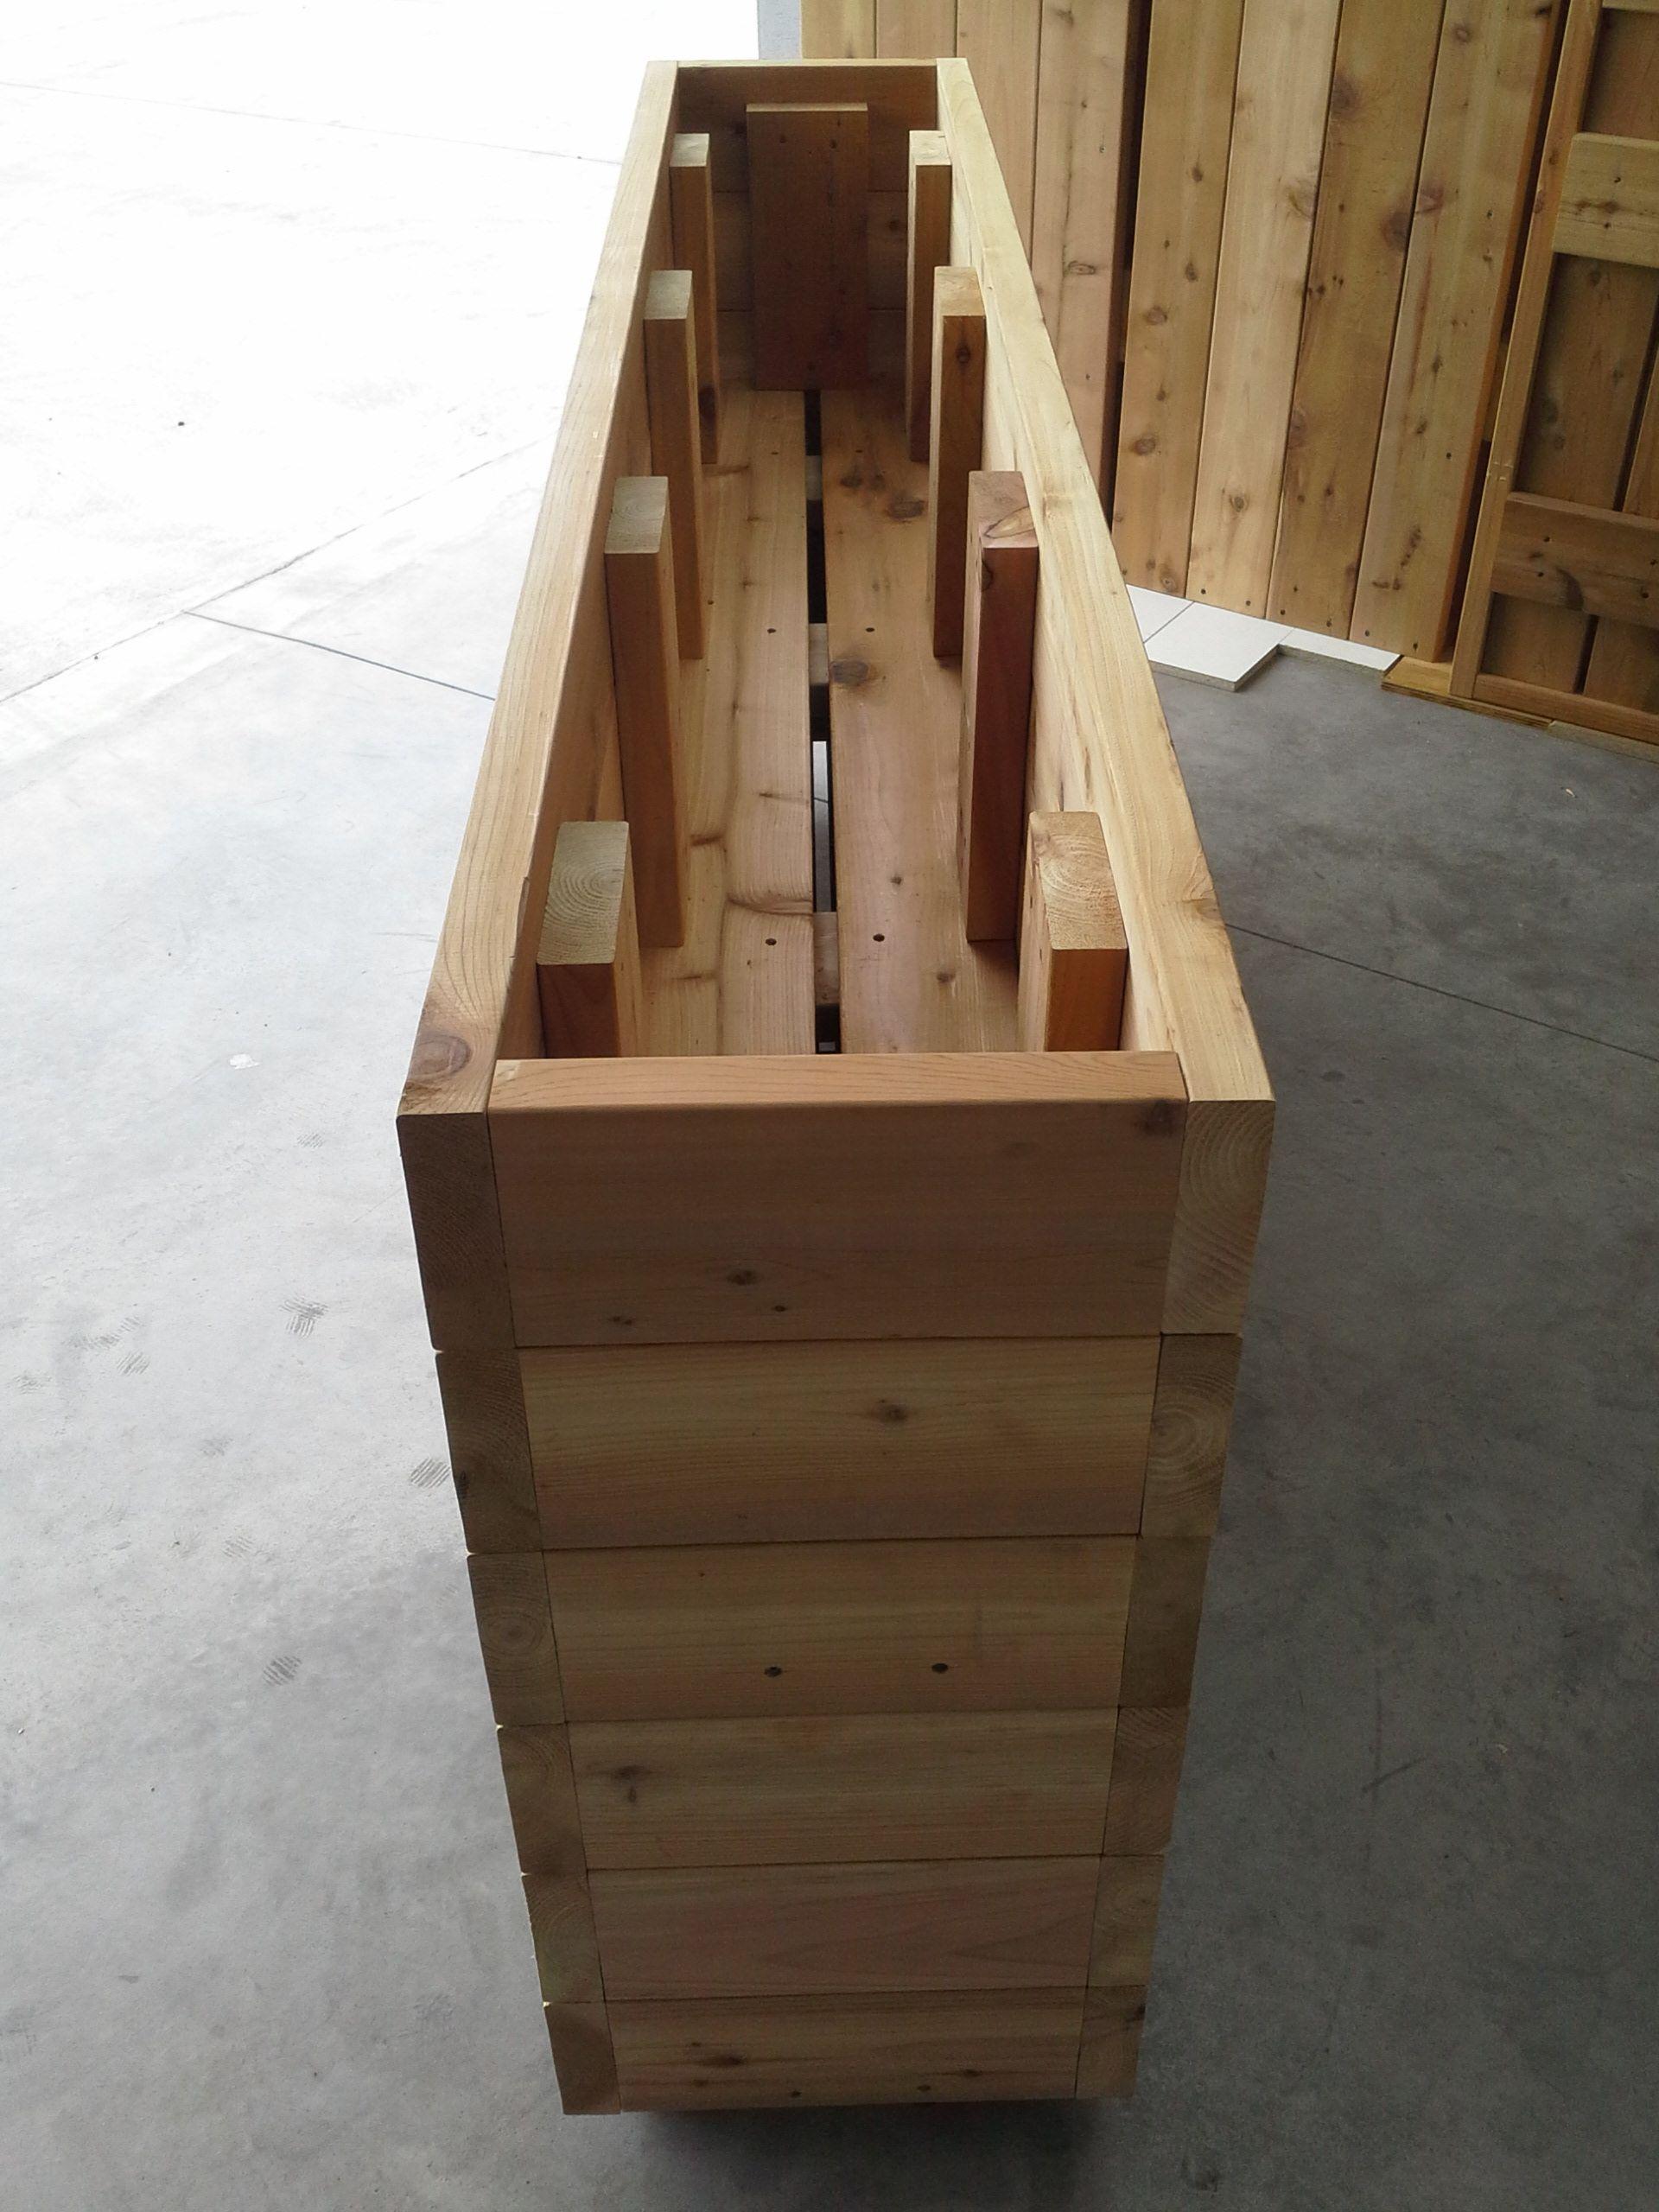 Future Environment Garden Builders Tall Planter Boxes Wood Planter Box Garden Boxes